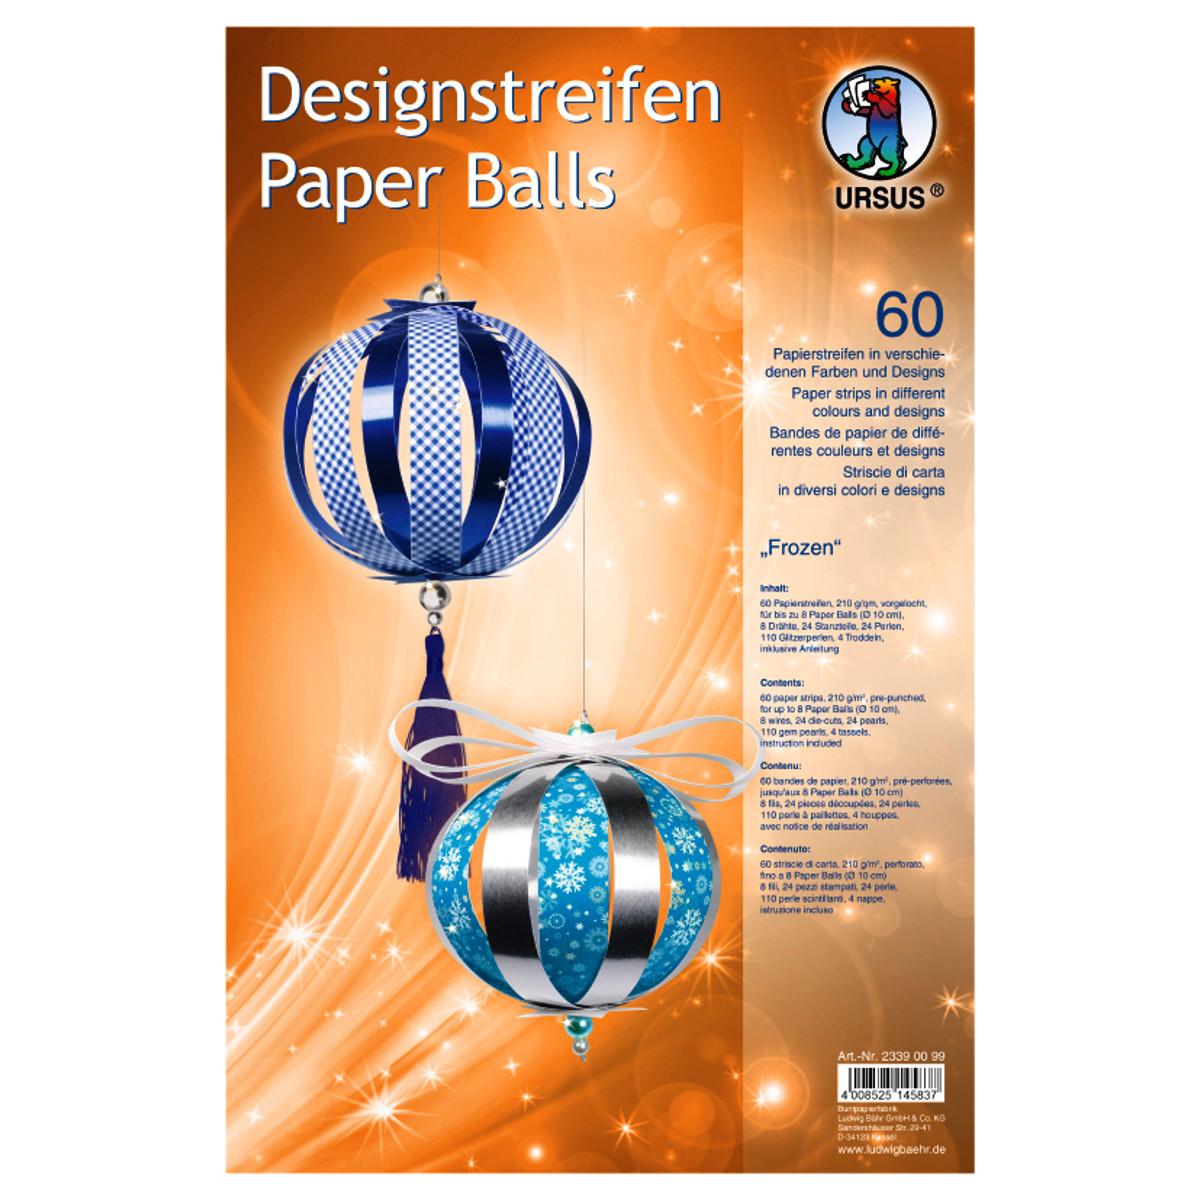 """Designstreifen Paper Balls """"Frozen"""""""